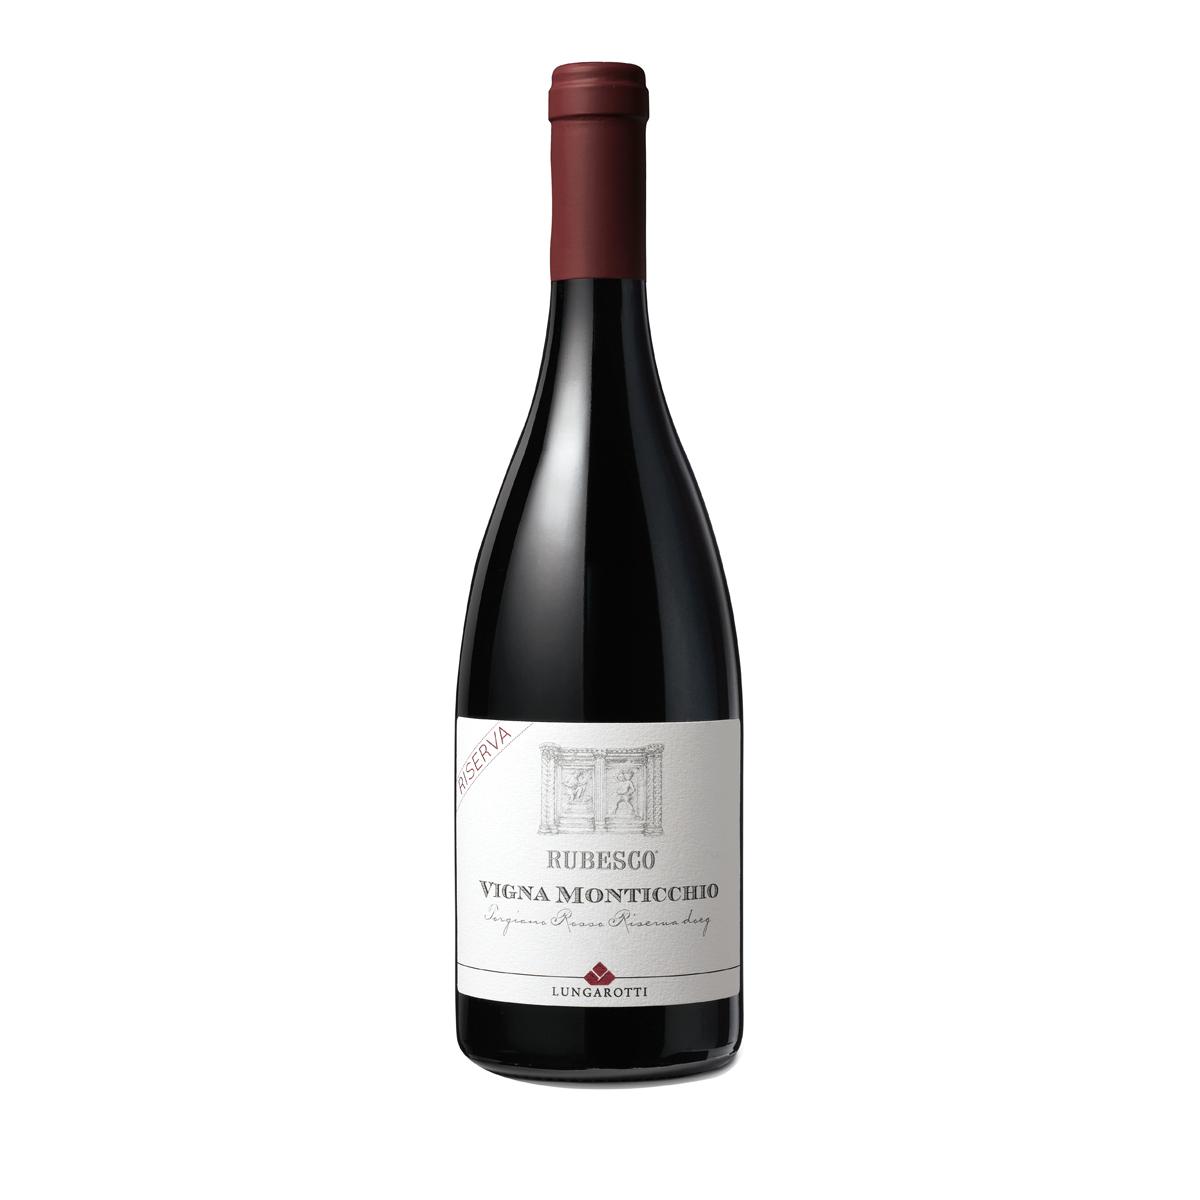 Torgiano Rosso Riserva Rubesco Vigna Monticchio - Privilege Wine